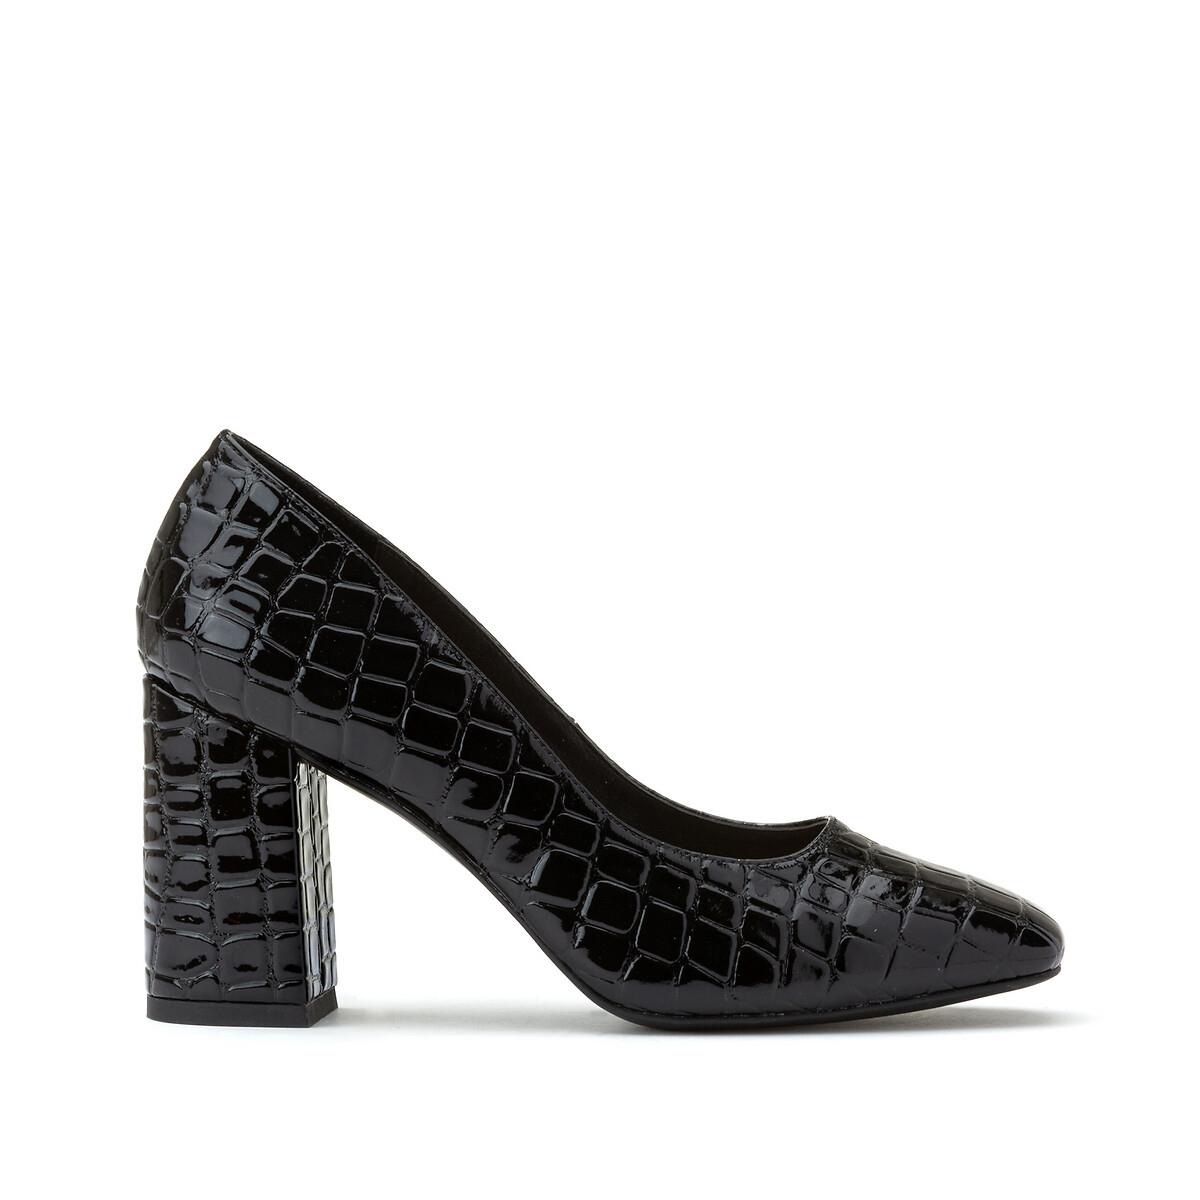 Туфли LaRedoute На высоком каблуке с эффектом крокодиловой кожи 40 черный